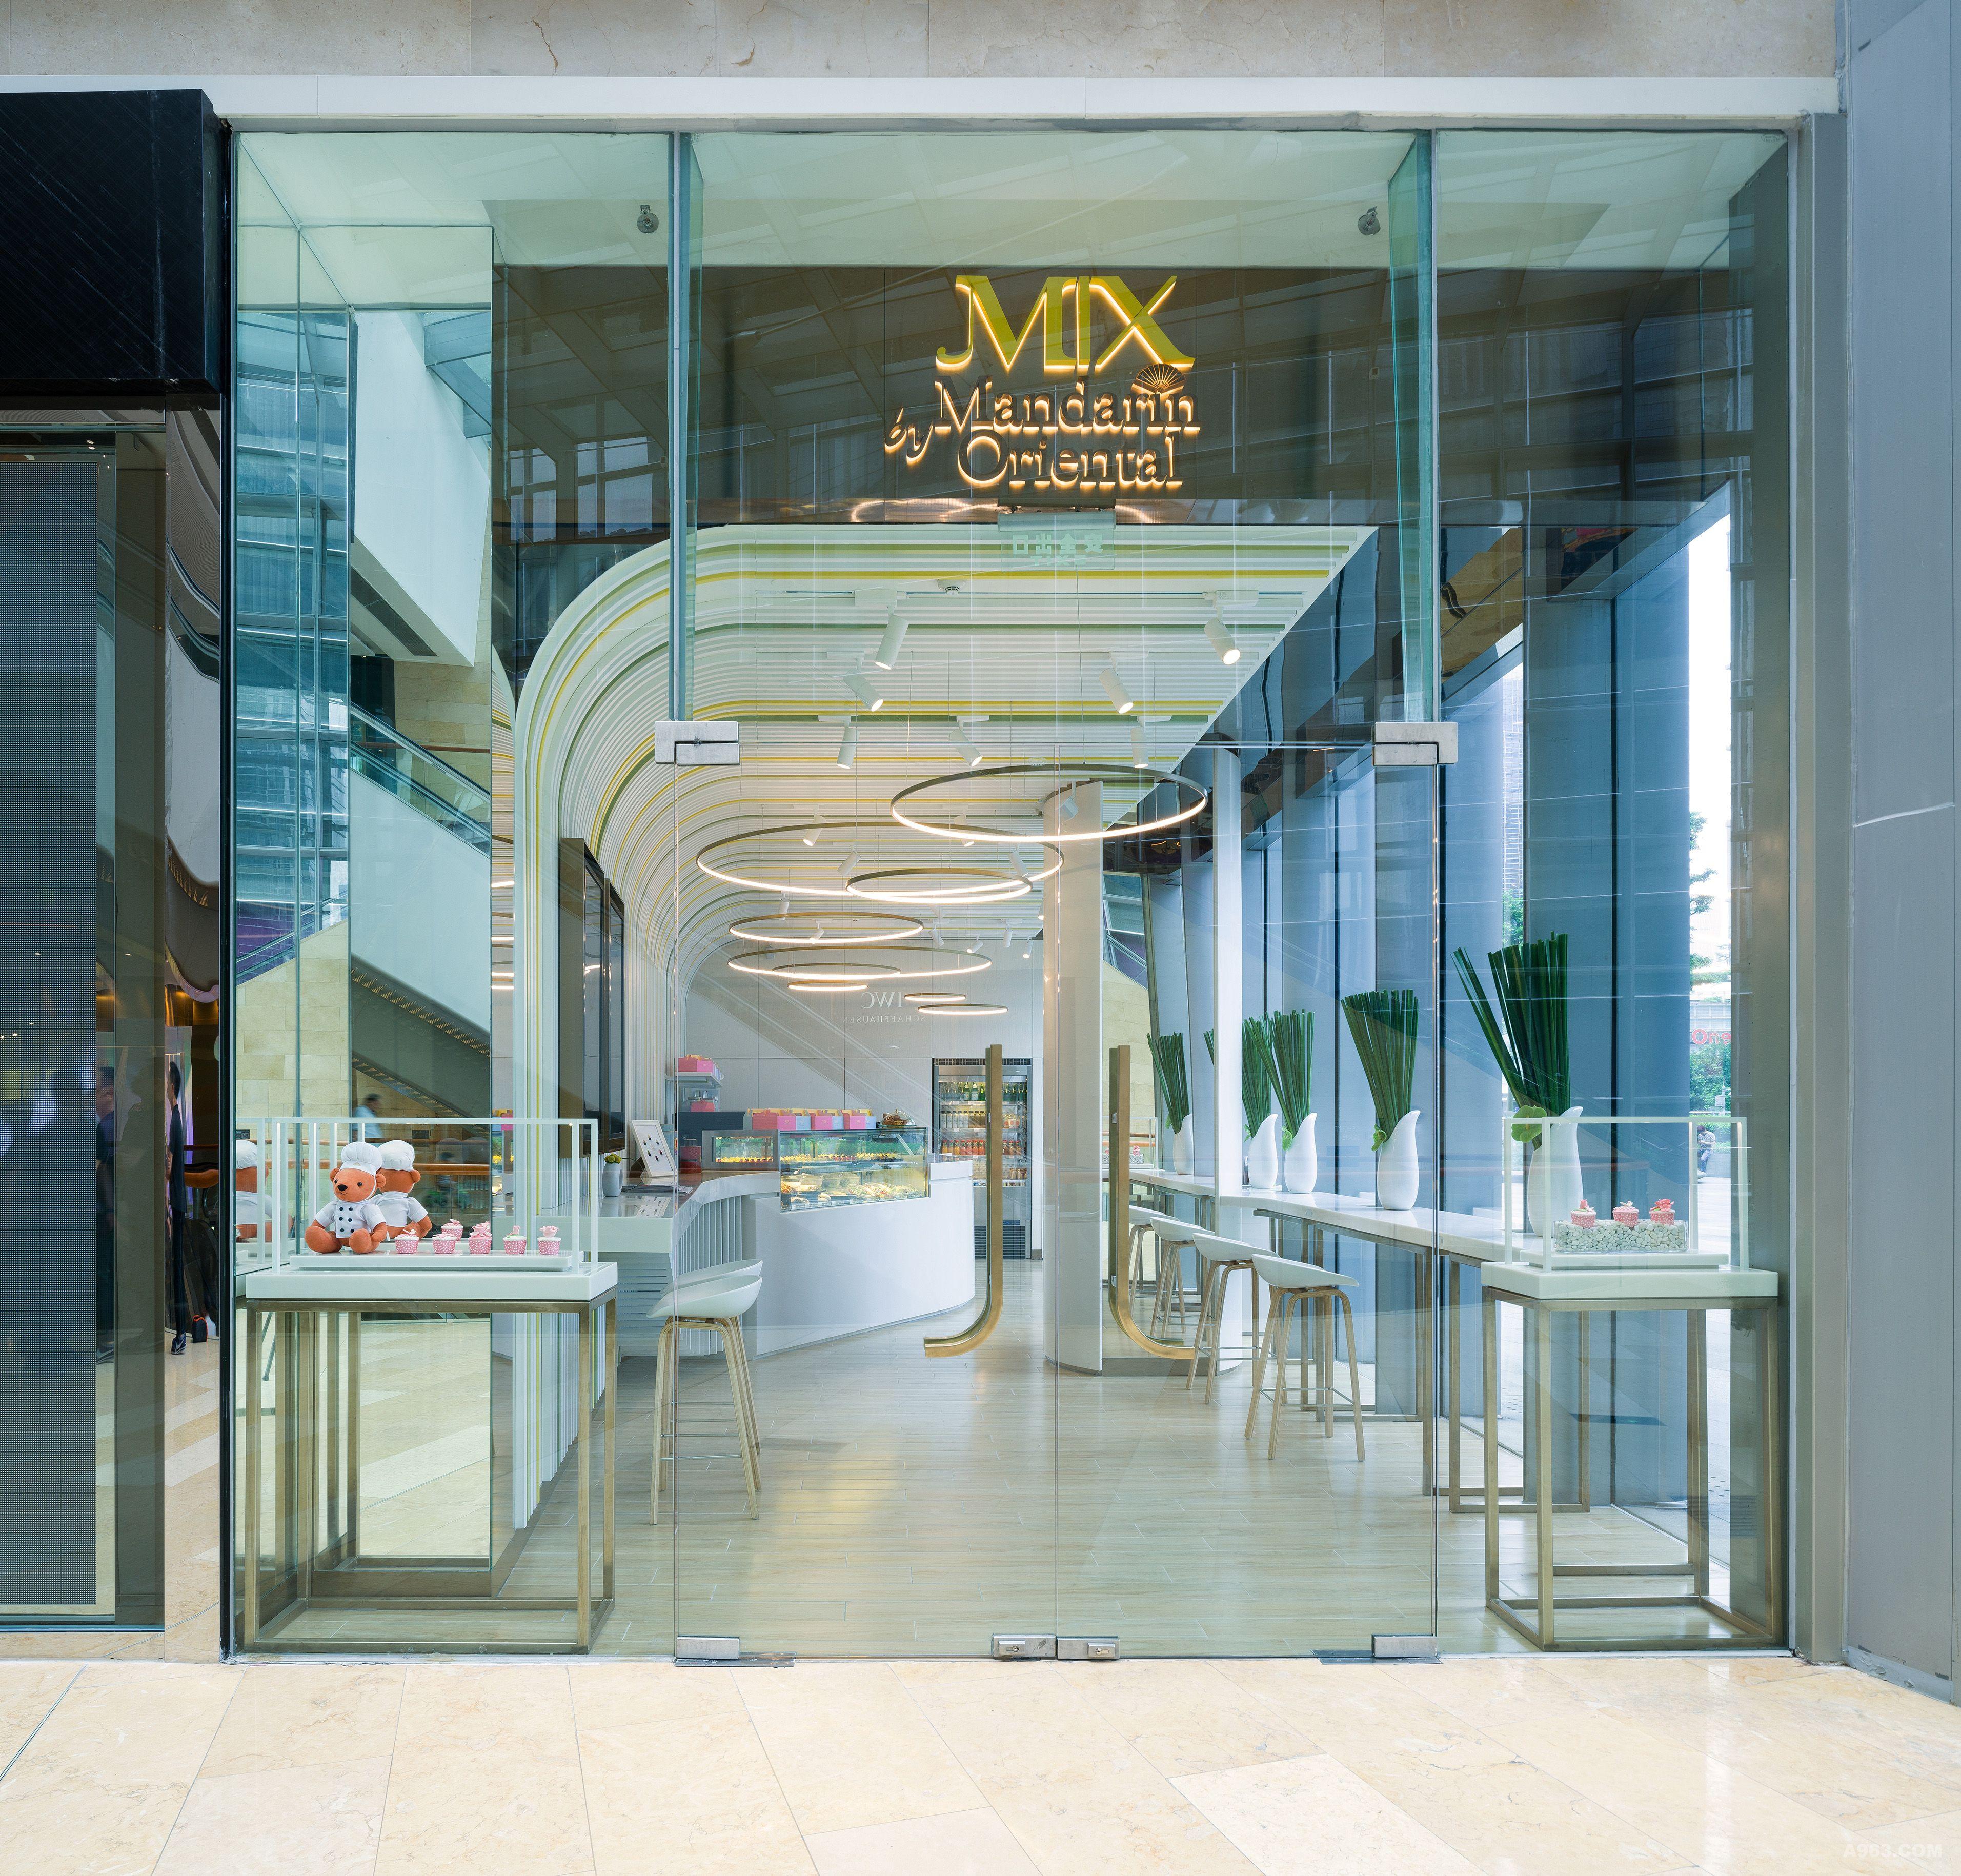 入口处的不锈钢标志造型配合灯效营造了文华东方的气派